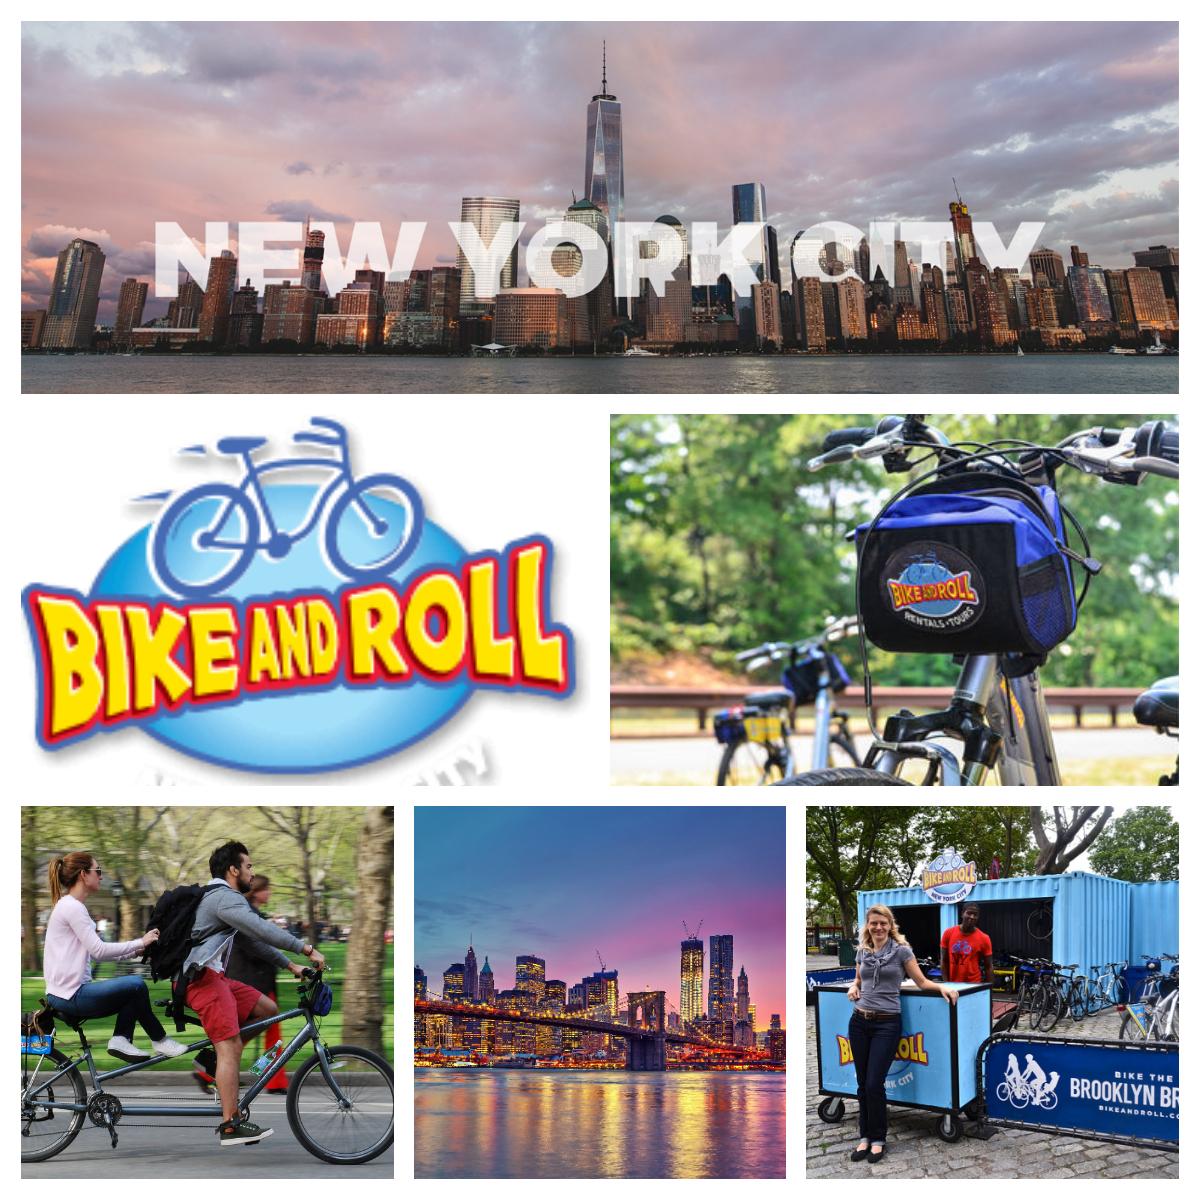 Bike and Roll - NYC